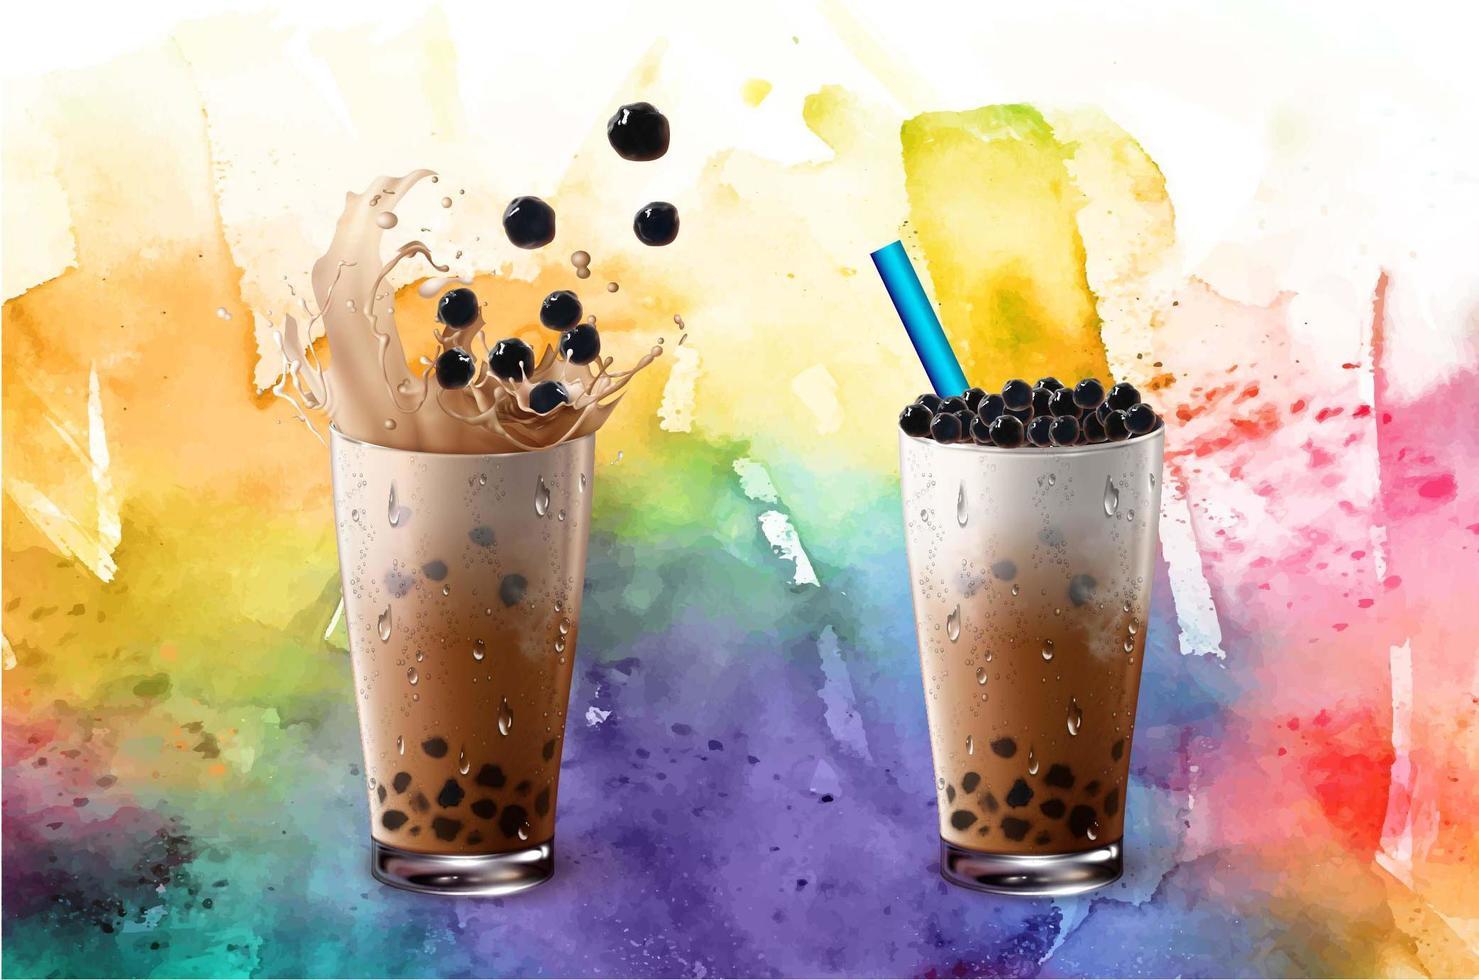 bubbla mjölk te uppsättning på färgglada akvarell konsistens vektor